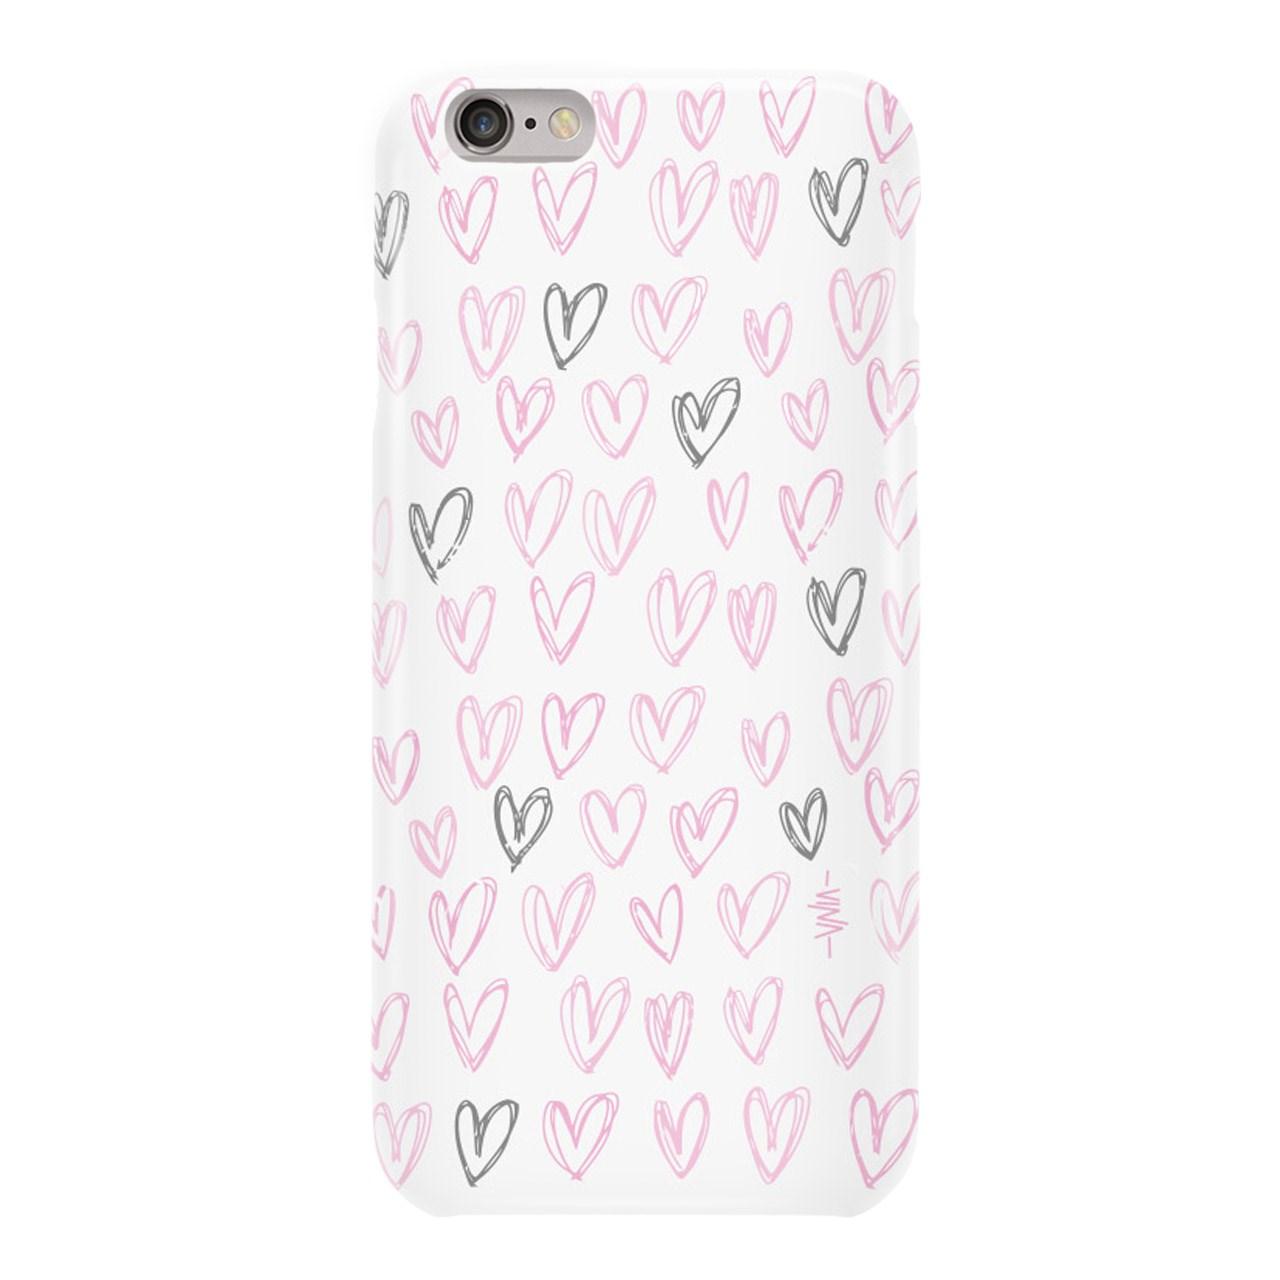 کاور سخت مدل Amor مناسب برای گوشی موبایل آیفون6plus  و 6s plus